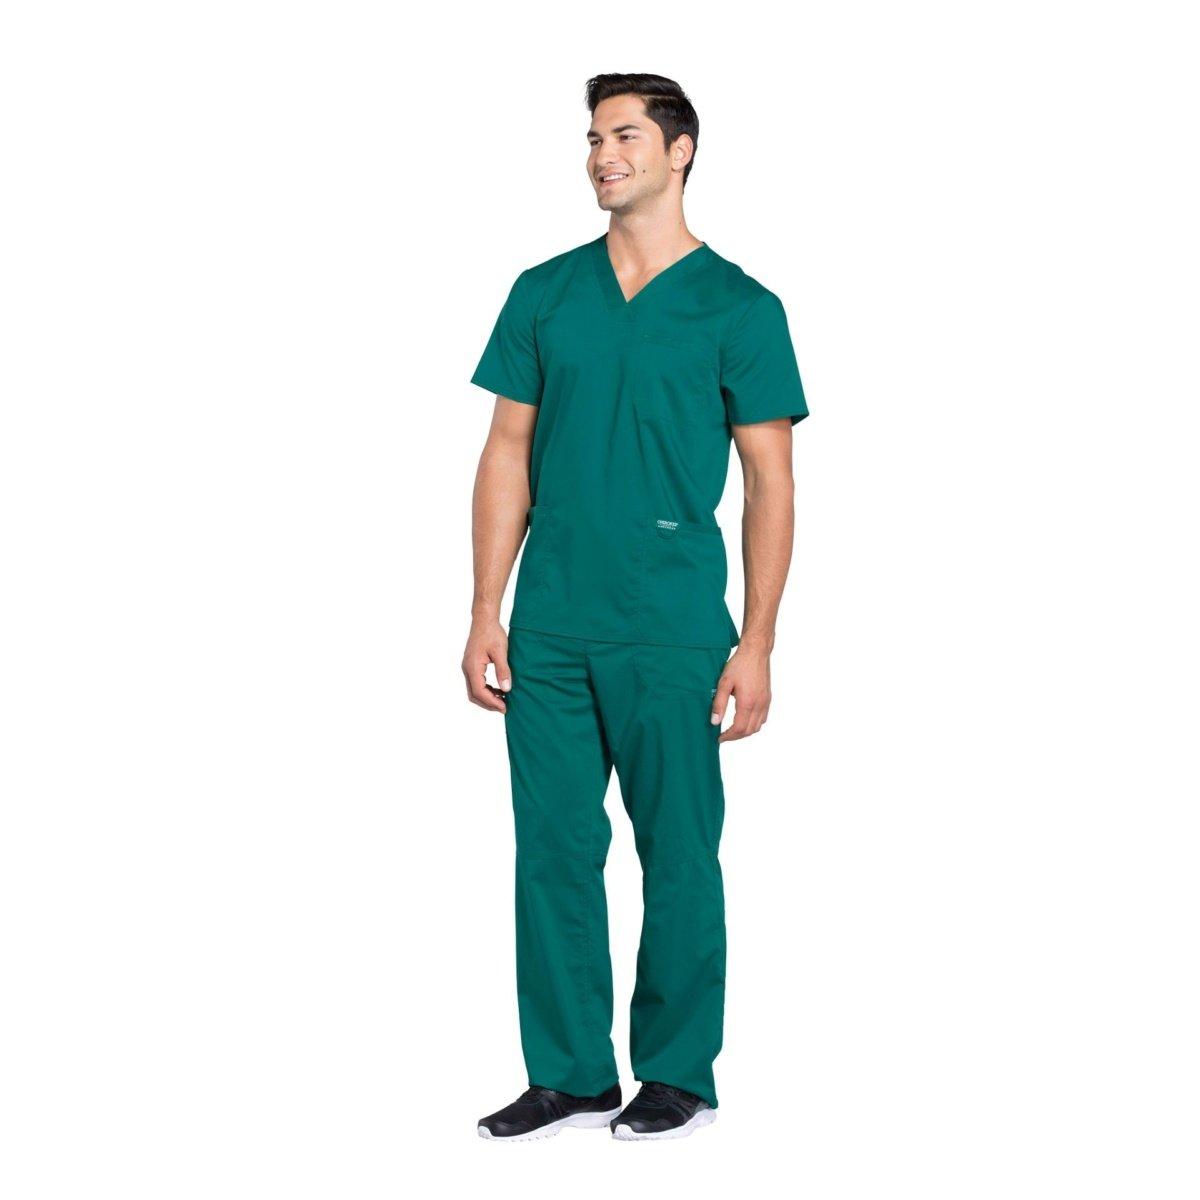 Мужской медицинский костюм Revolution цвет зеленый